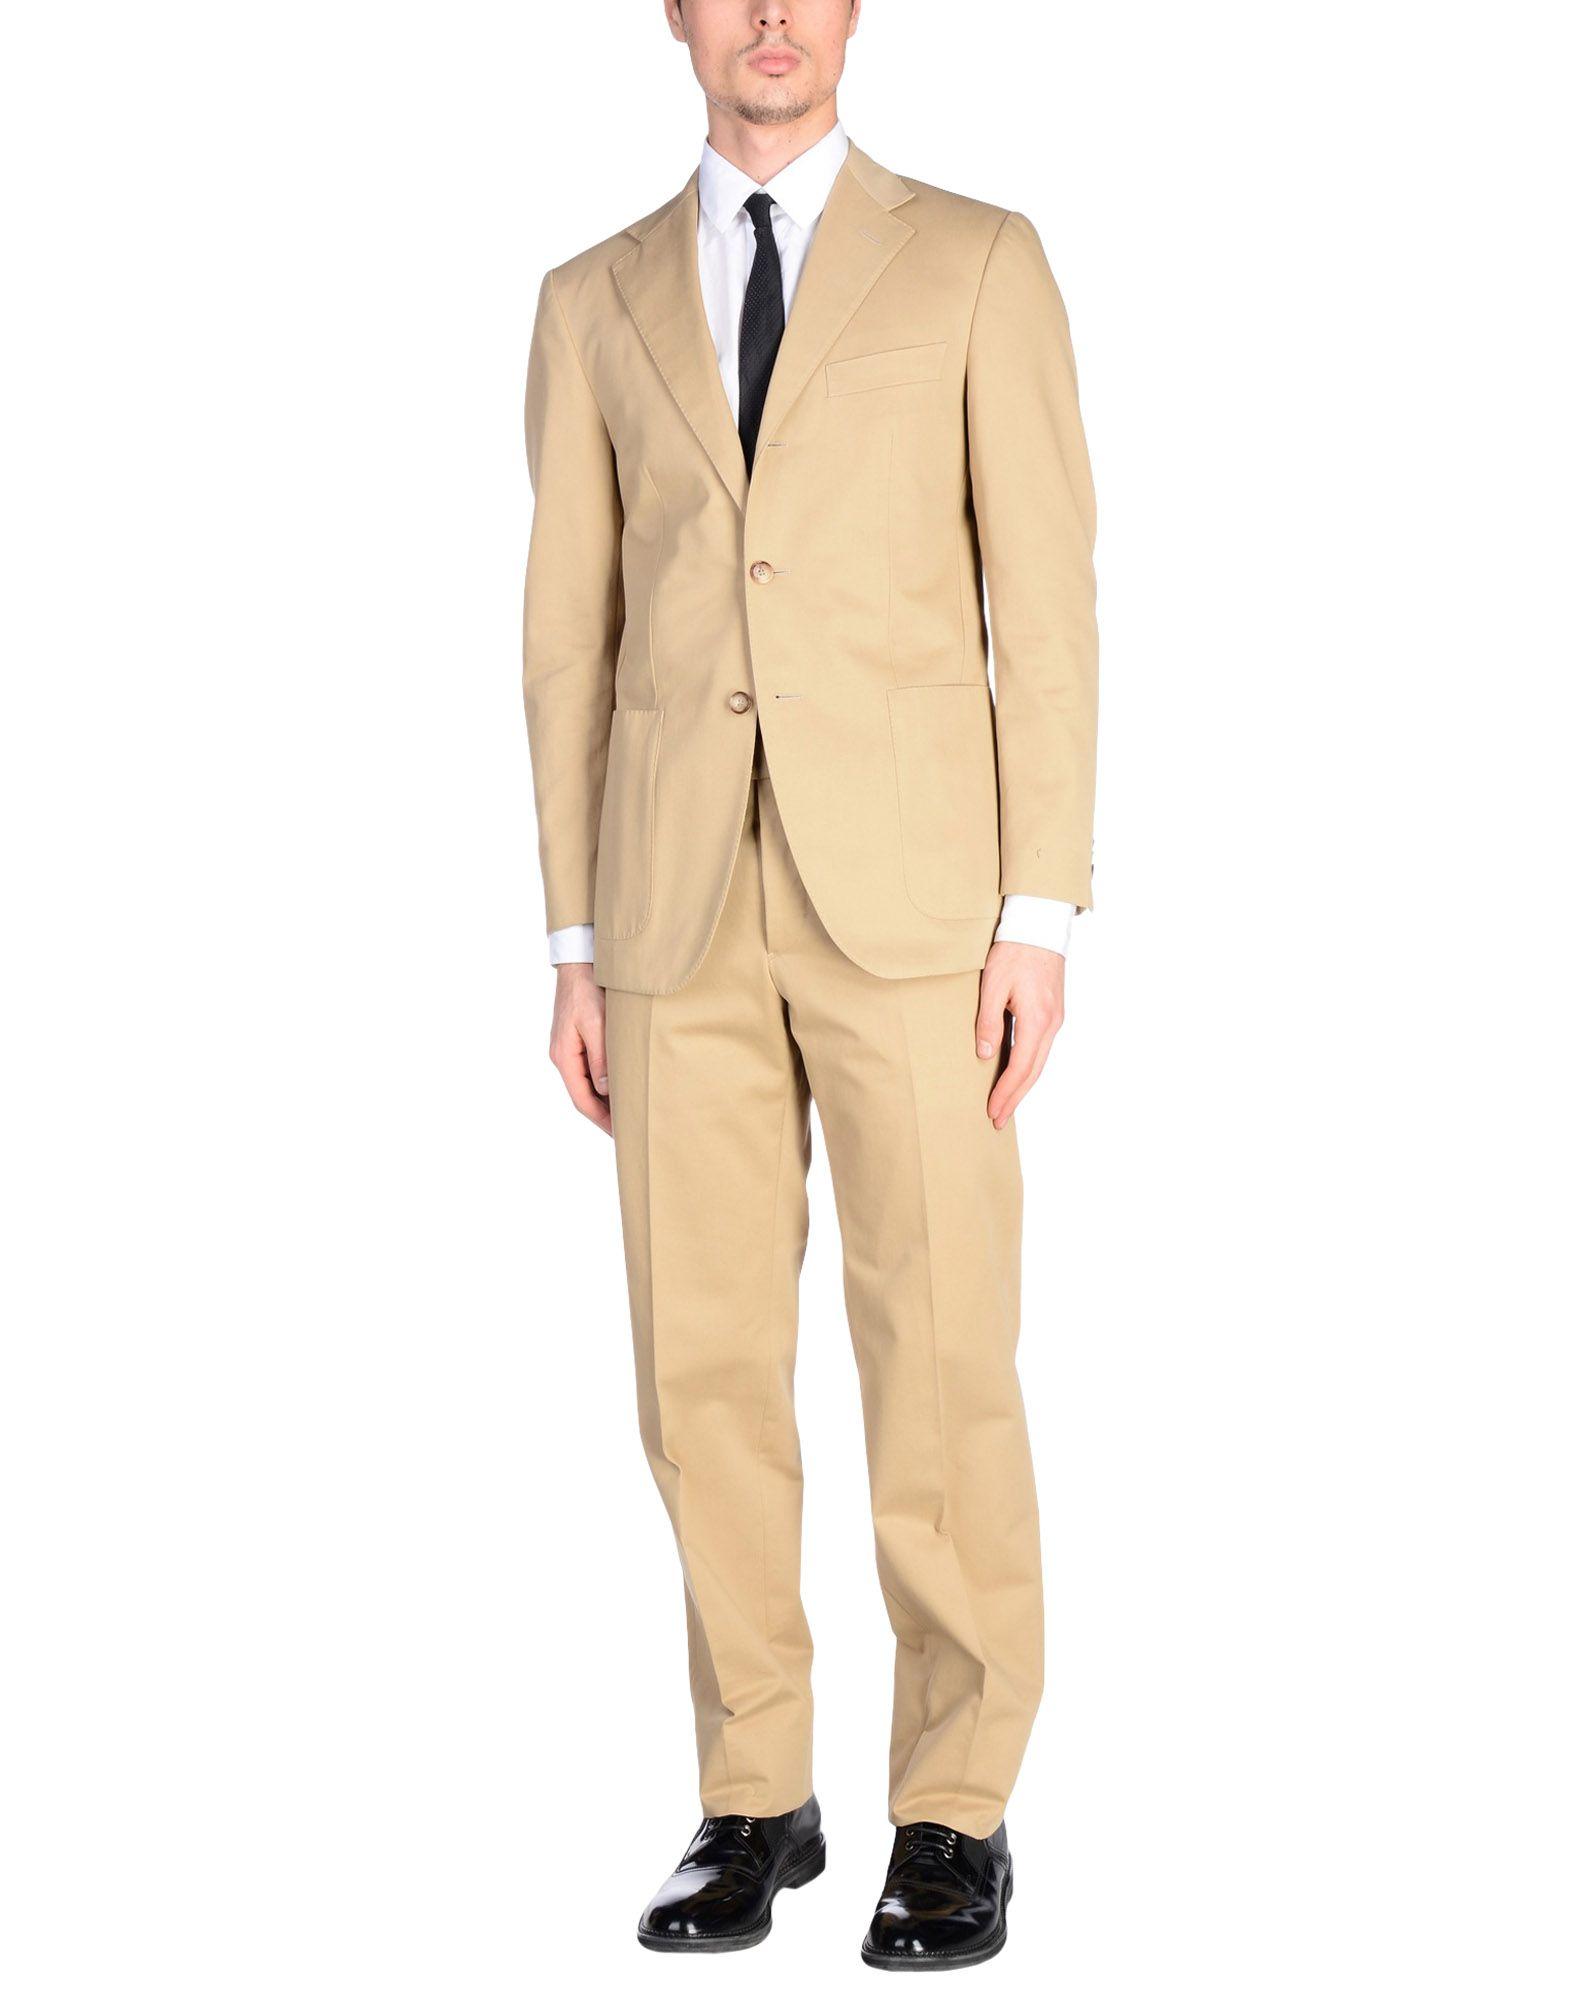 BALLANTYNE メンズ スーツ ベージュ 56 コットン 100%